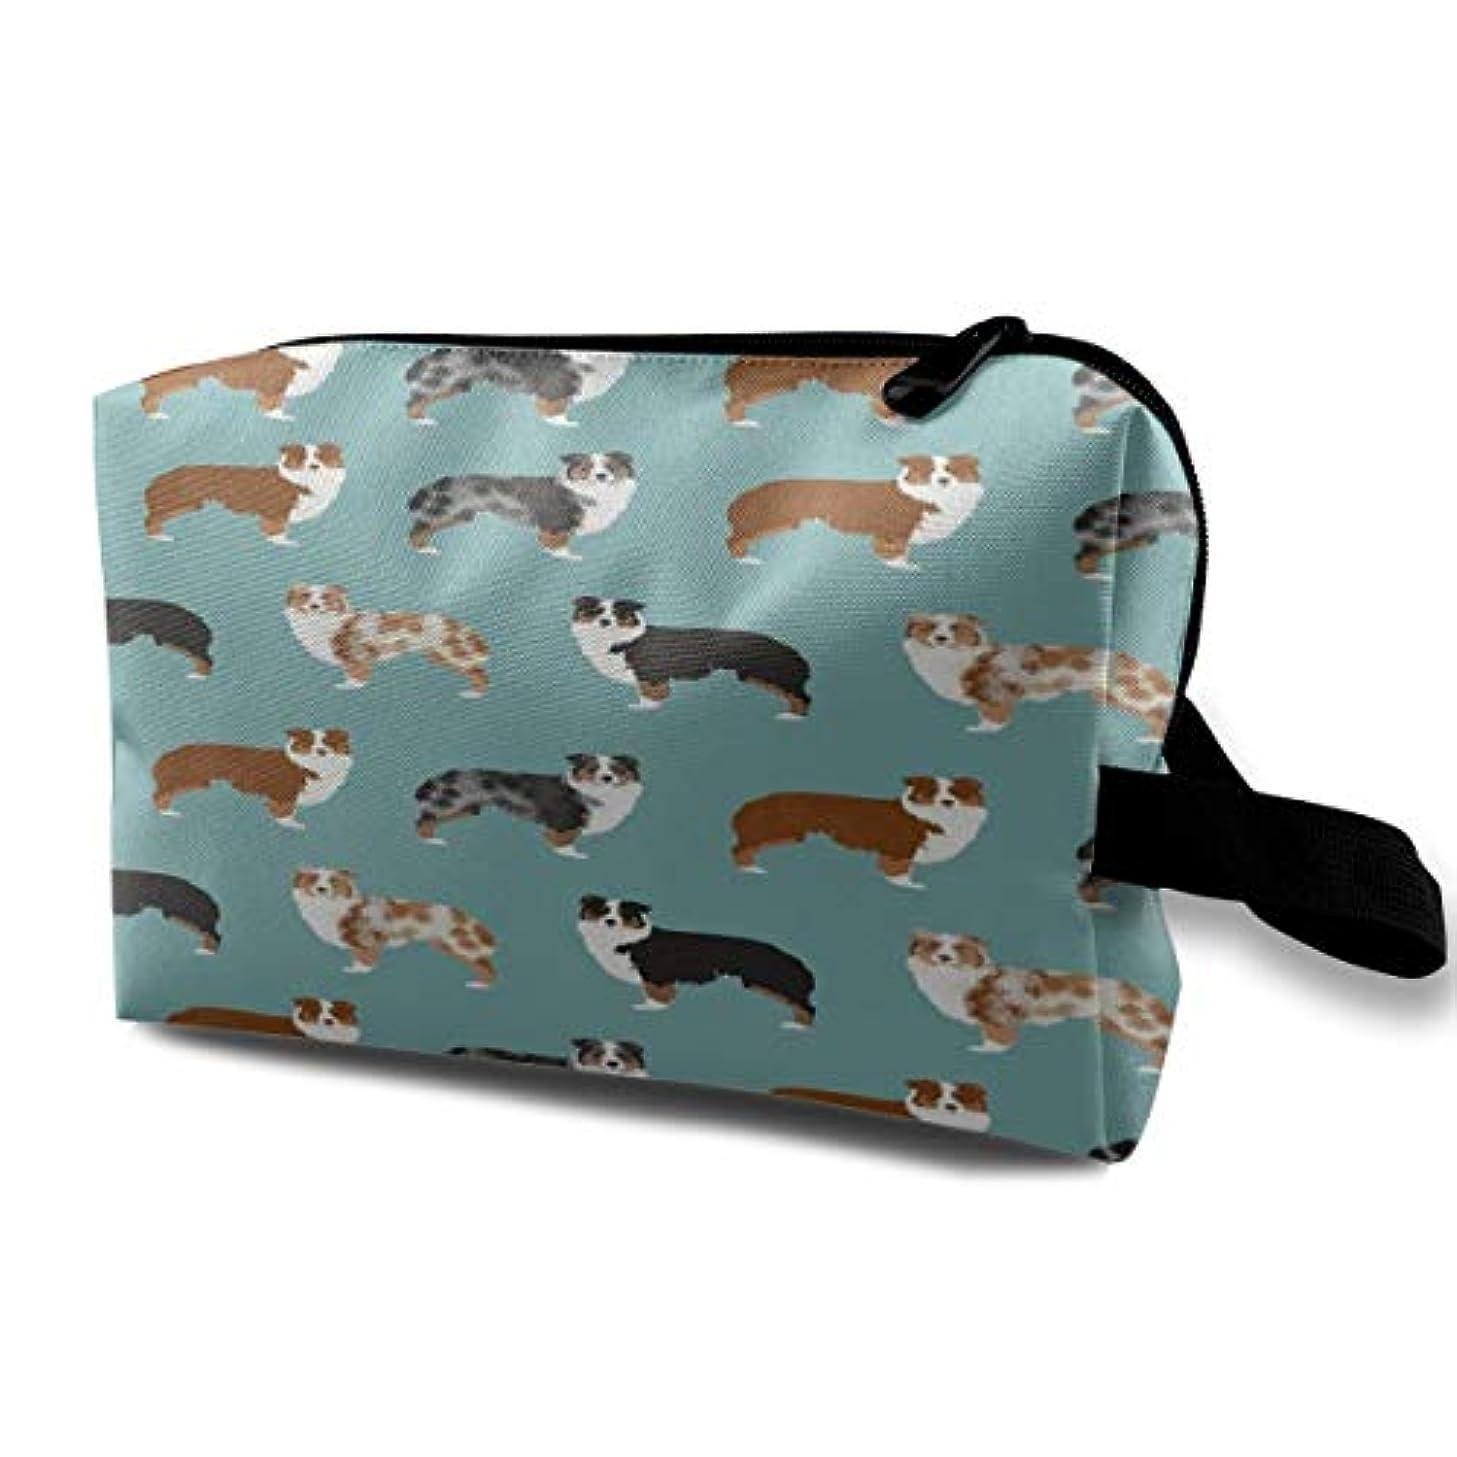 すべて些細めったにAustralian Shepherds Dogs 収納ポーチ 化粧ポーチ 大容量 軽量 耐久性 ハンドル付持ち運び便利。入れ 自宅?出張?旅行?アウトドア撮影などに対応。メンズ レディース トラベルグッズ